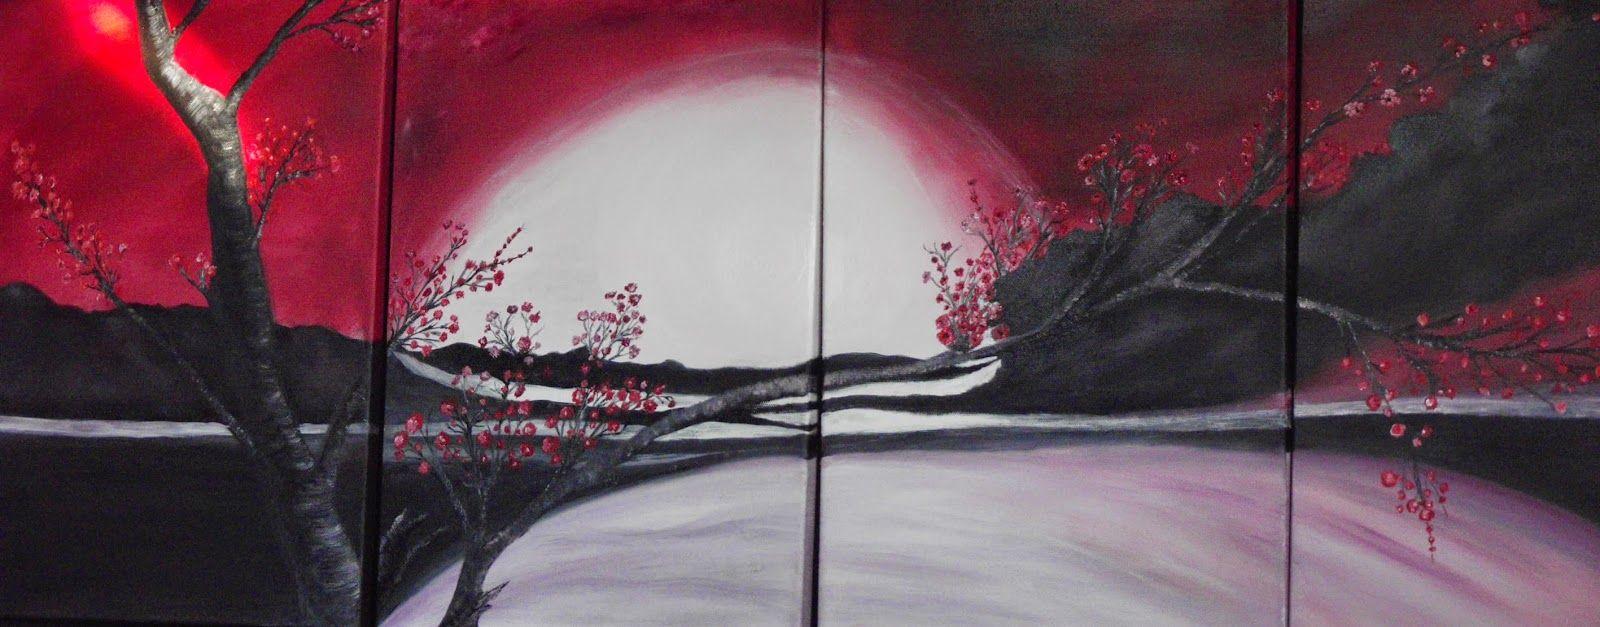 Paixão na Pintura: Inspiracao - Lights